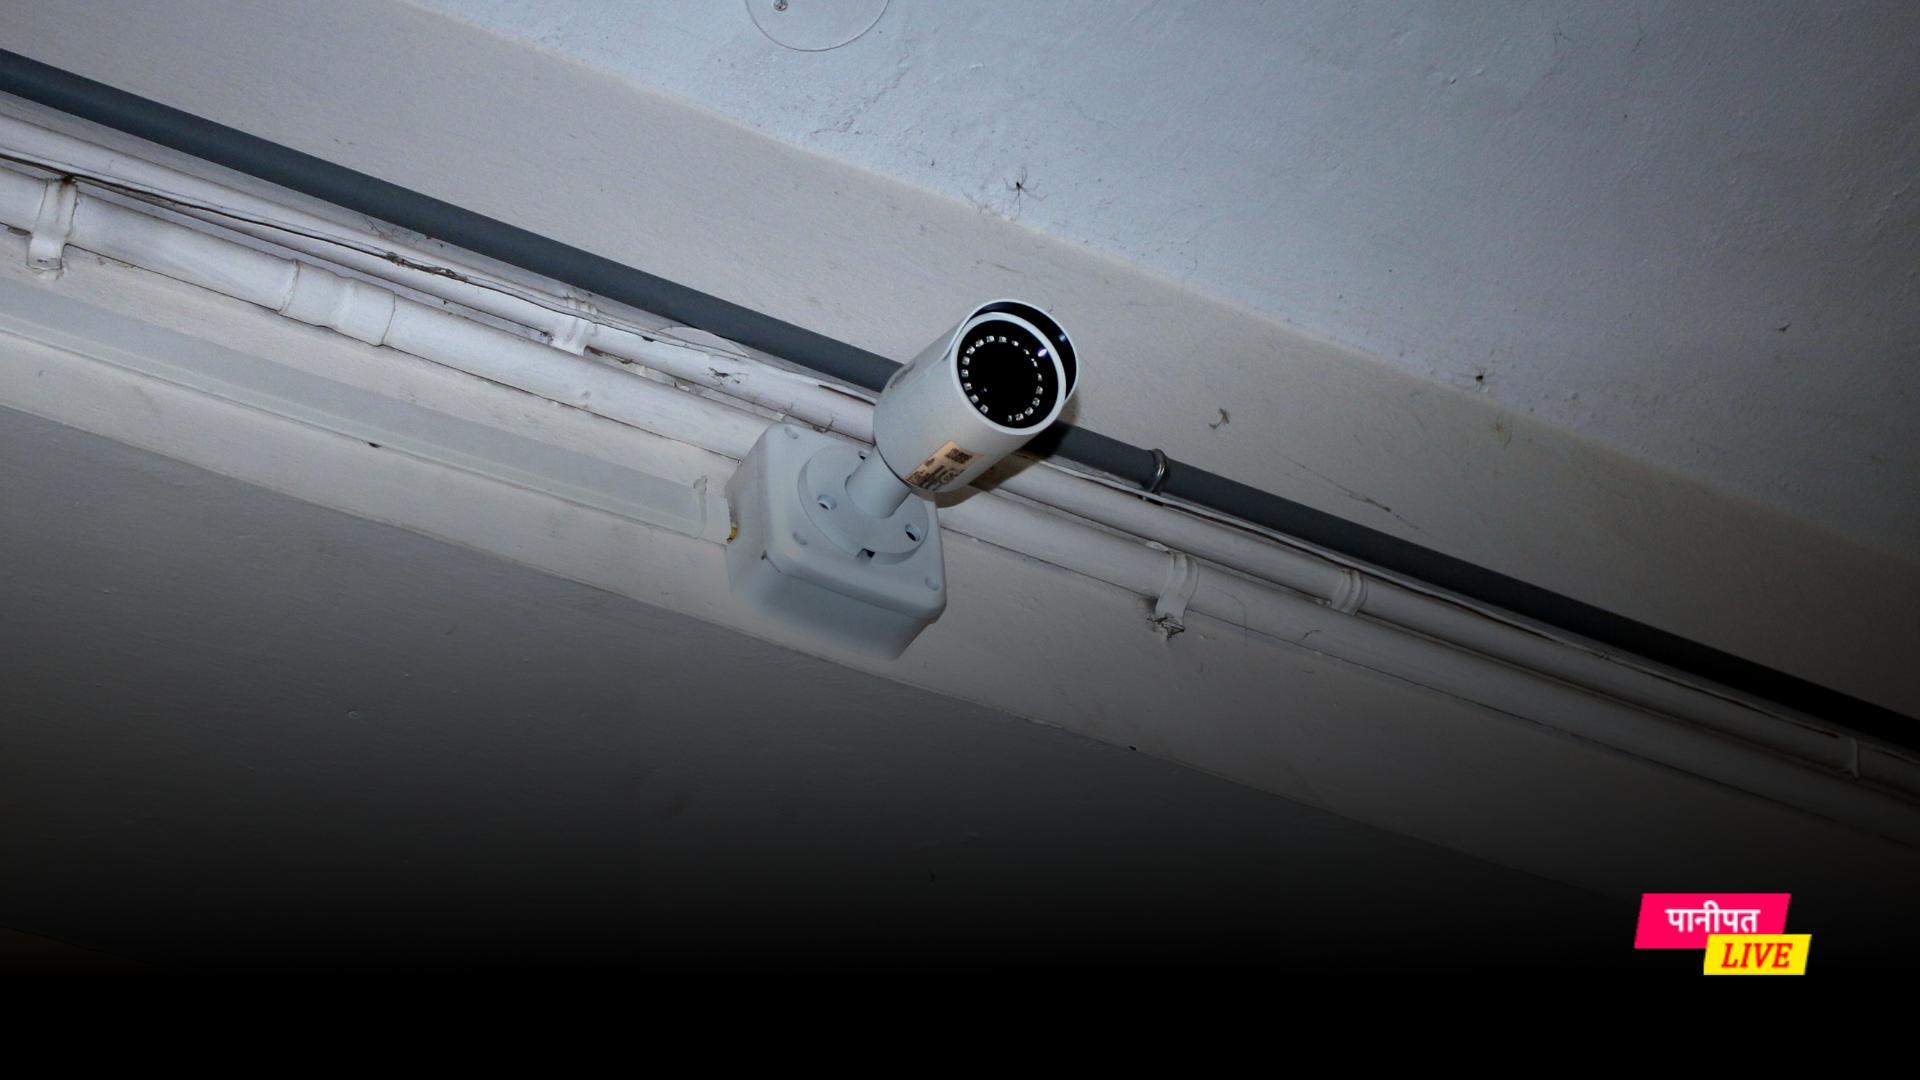 पड़ोसी ने अपने ग़र लगाया CCTV और सीन का फ़ोकस पड़ोसन के बेडरूम तक